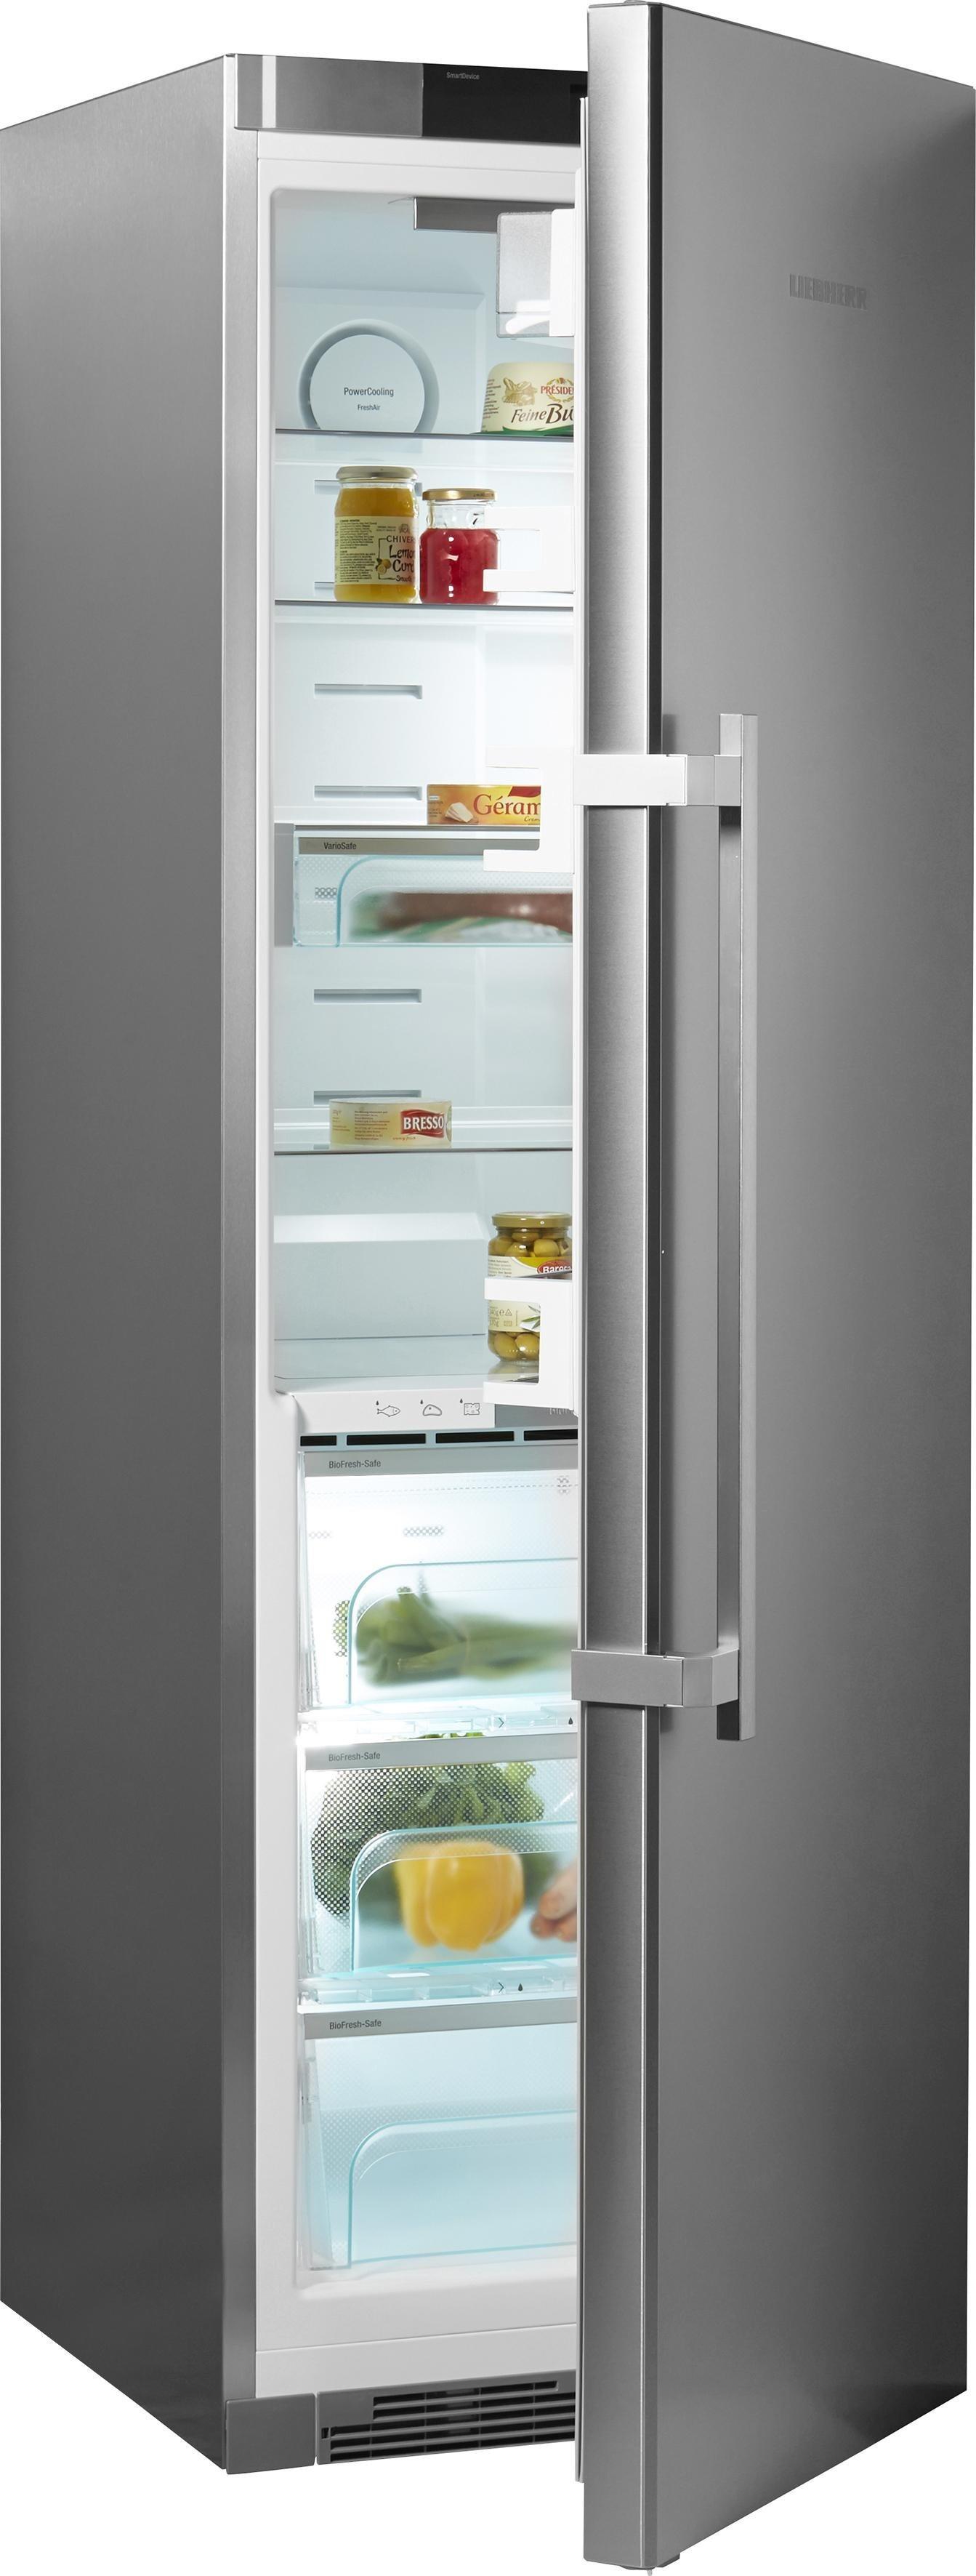 Standkühlschrank KBies 4350-20, A+++, 185 cm hoch